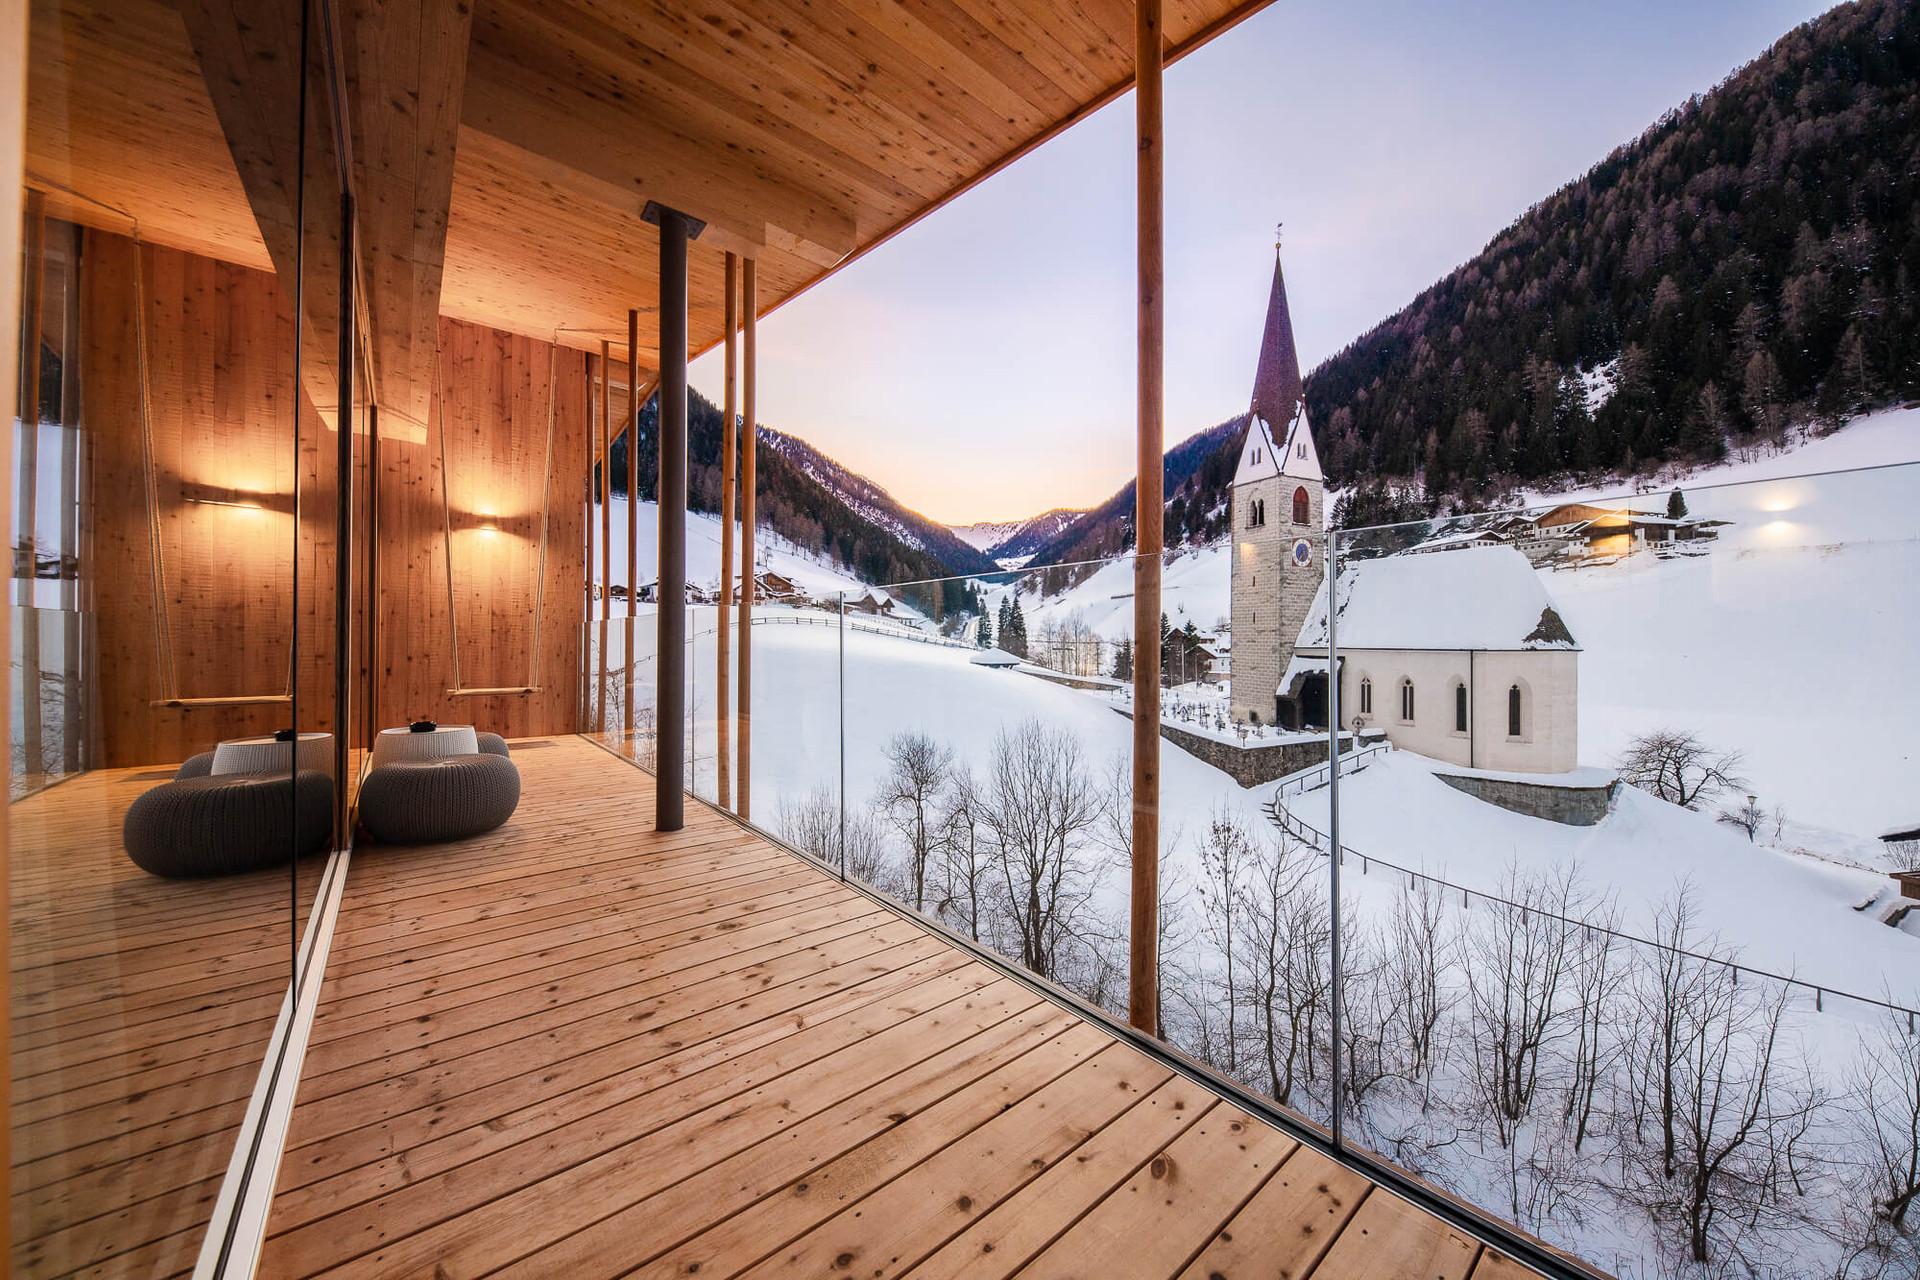 Naturhotel Rainer areum architecture